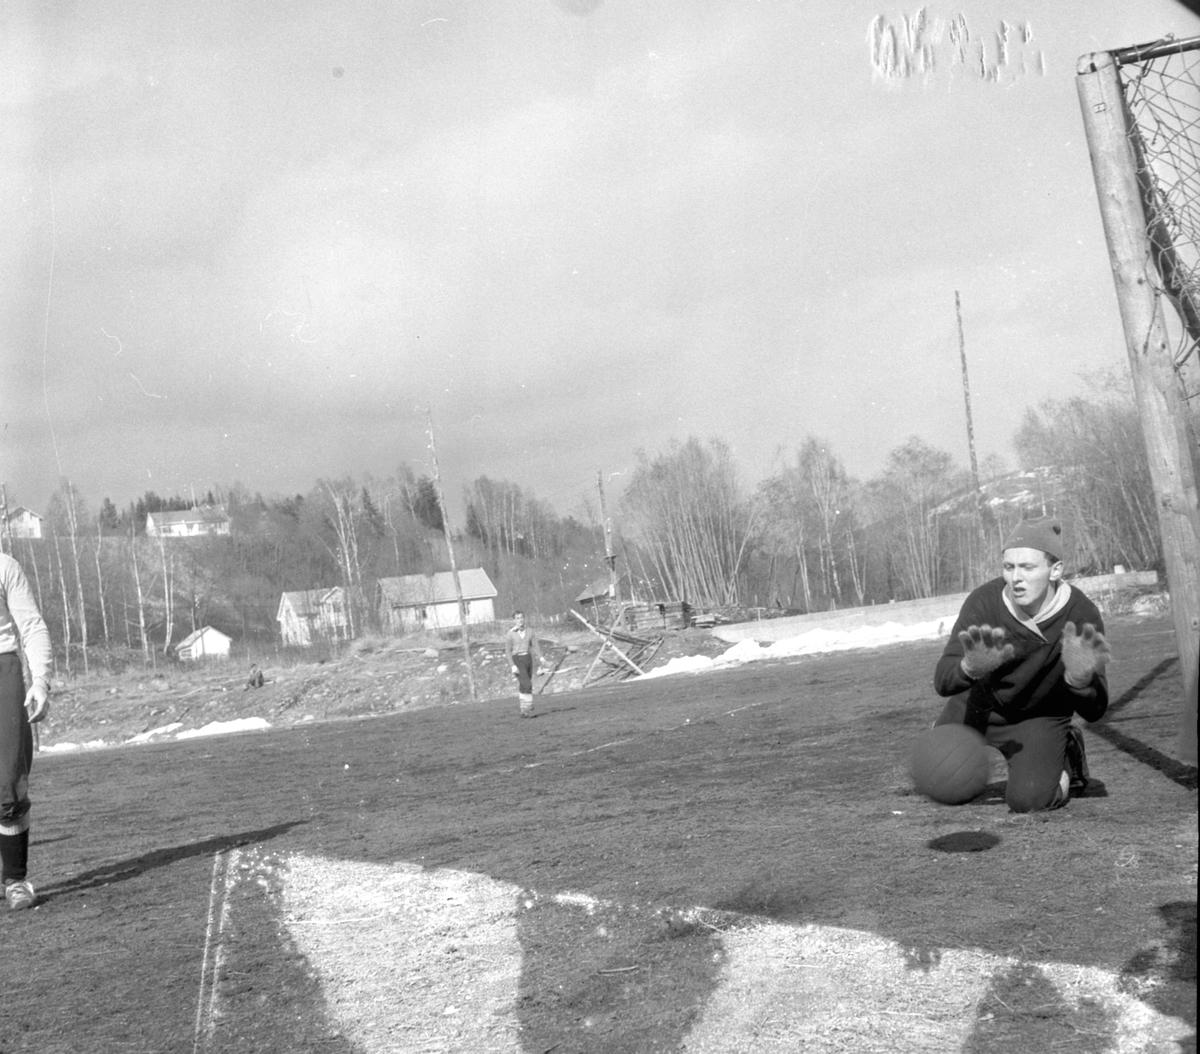 TRENINGSKAMP I FOTBALL MELLOM VANG FL OG HAM-KAM PÅ GRUSBANEN PÅ SVEUM. VANGS KEEPER ASBJØRN NORDSTAD. HAM-KAM VANT KAMPEN 4-0. (HS 11. APRIL 1960). FOTBALL. STED:SVEUM, BRUMUNDDAL. KOMMUNE:RINGSAKER DATO:10. 04. 1960 FOTO:EGIL M. KRISTIANSEN